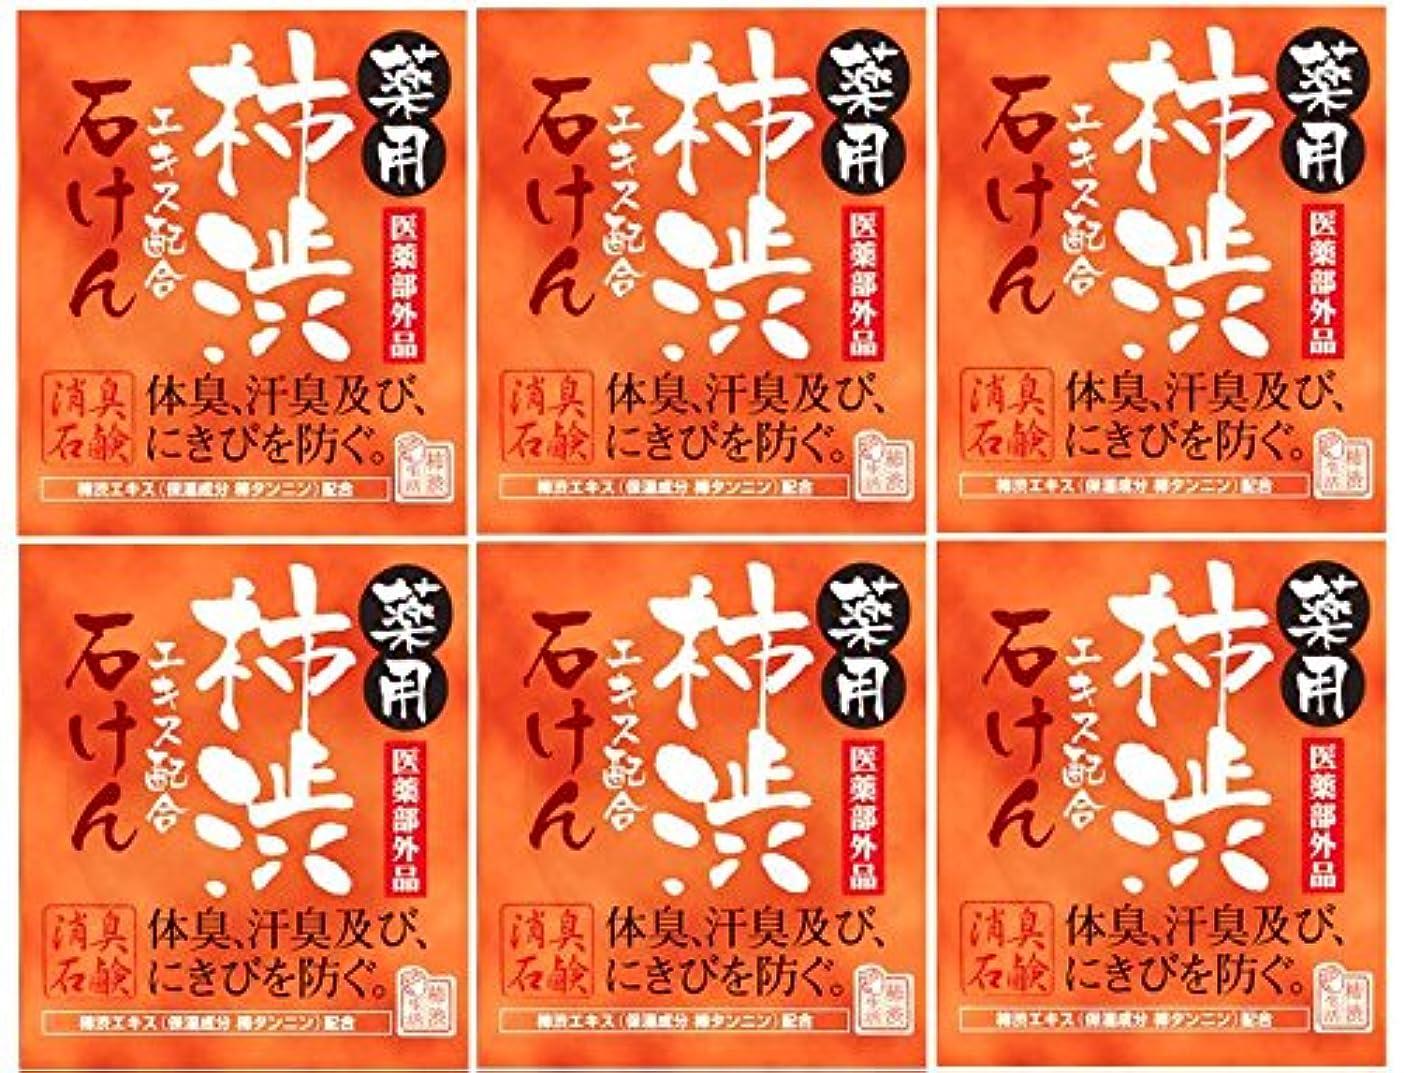 まで展示会ベットマックス薬用柿渋石けん100g箱×6箱セット